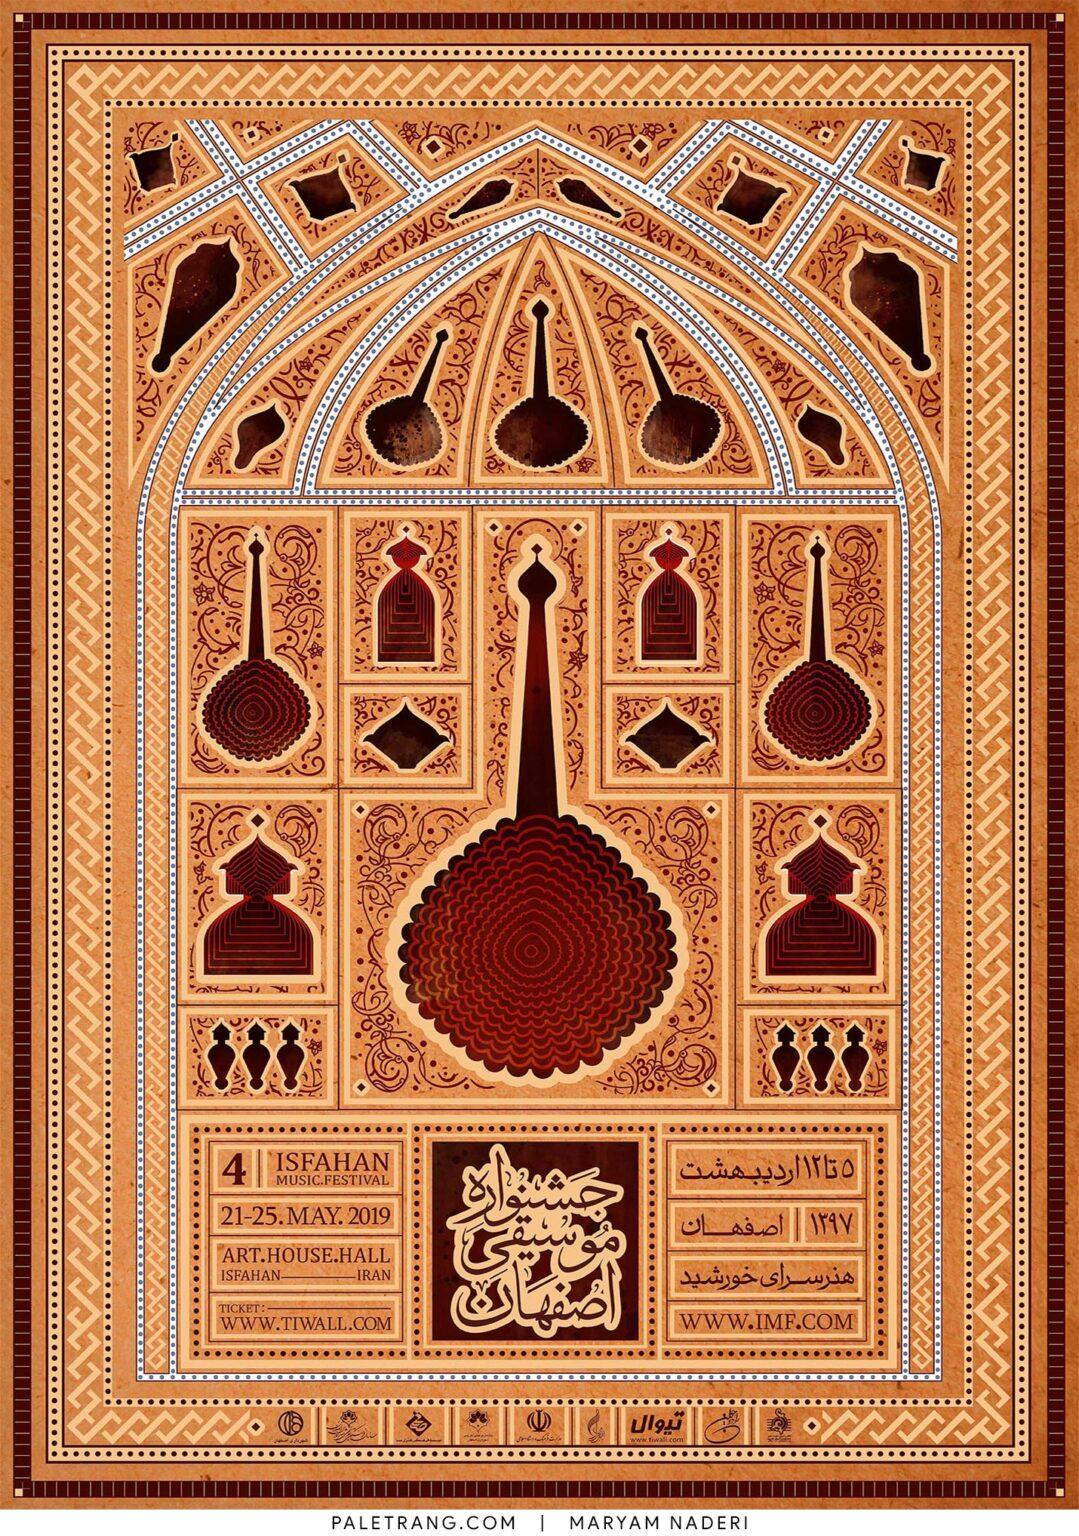 پوستر جشنواره موسیقی اصفهان اثر مریم نادری